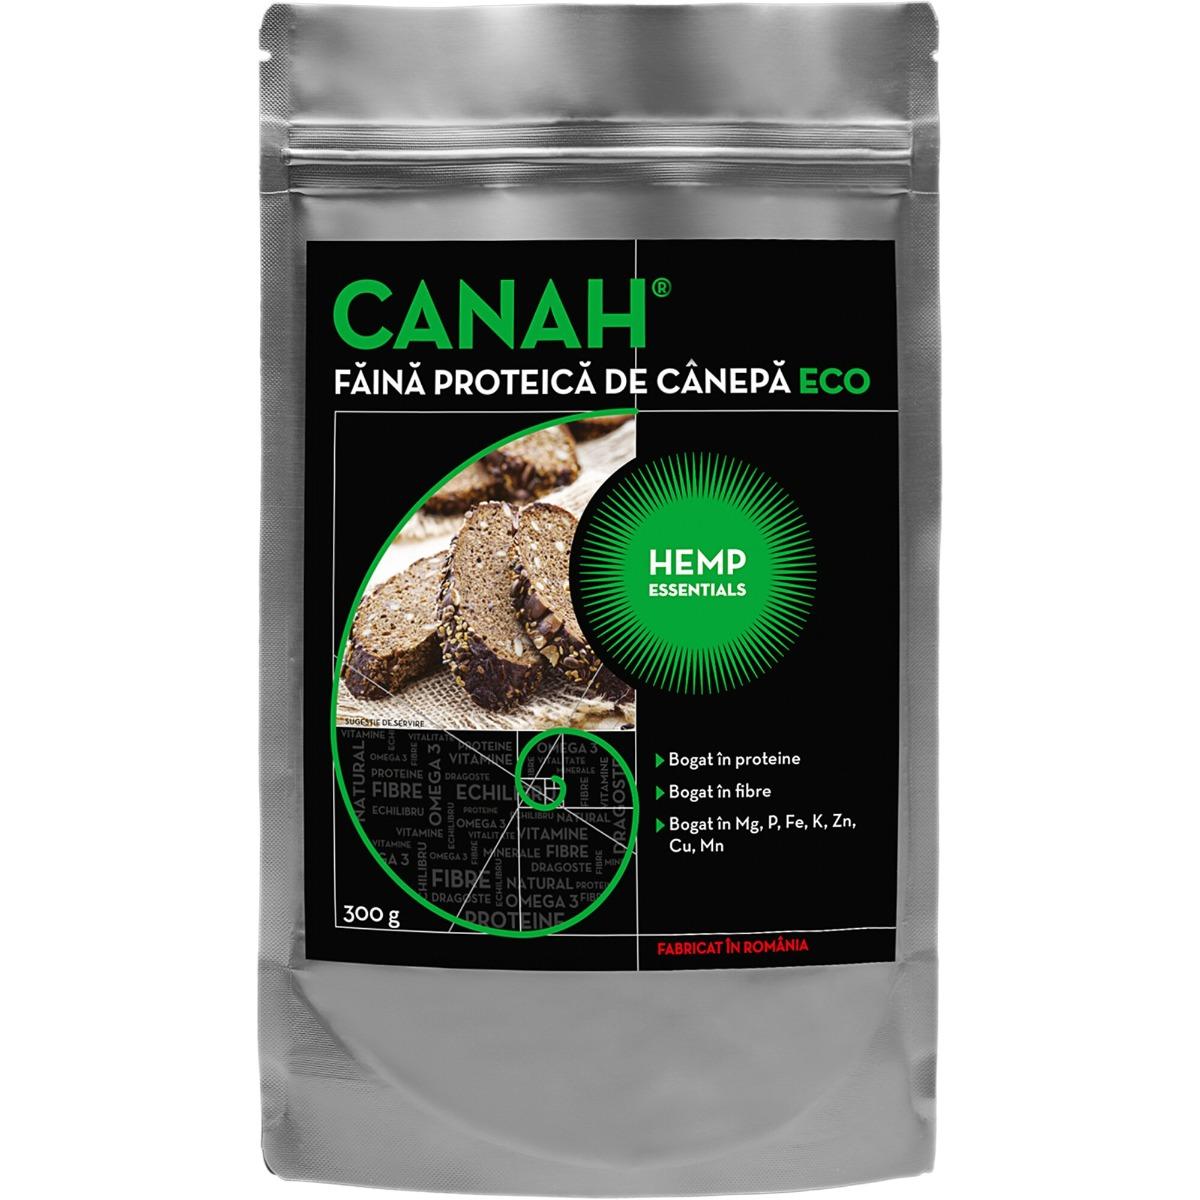 Faina proteica de canepa ECO, 300g, Canah drmax.ro